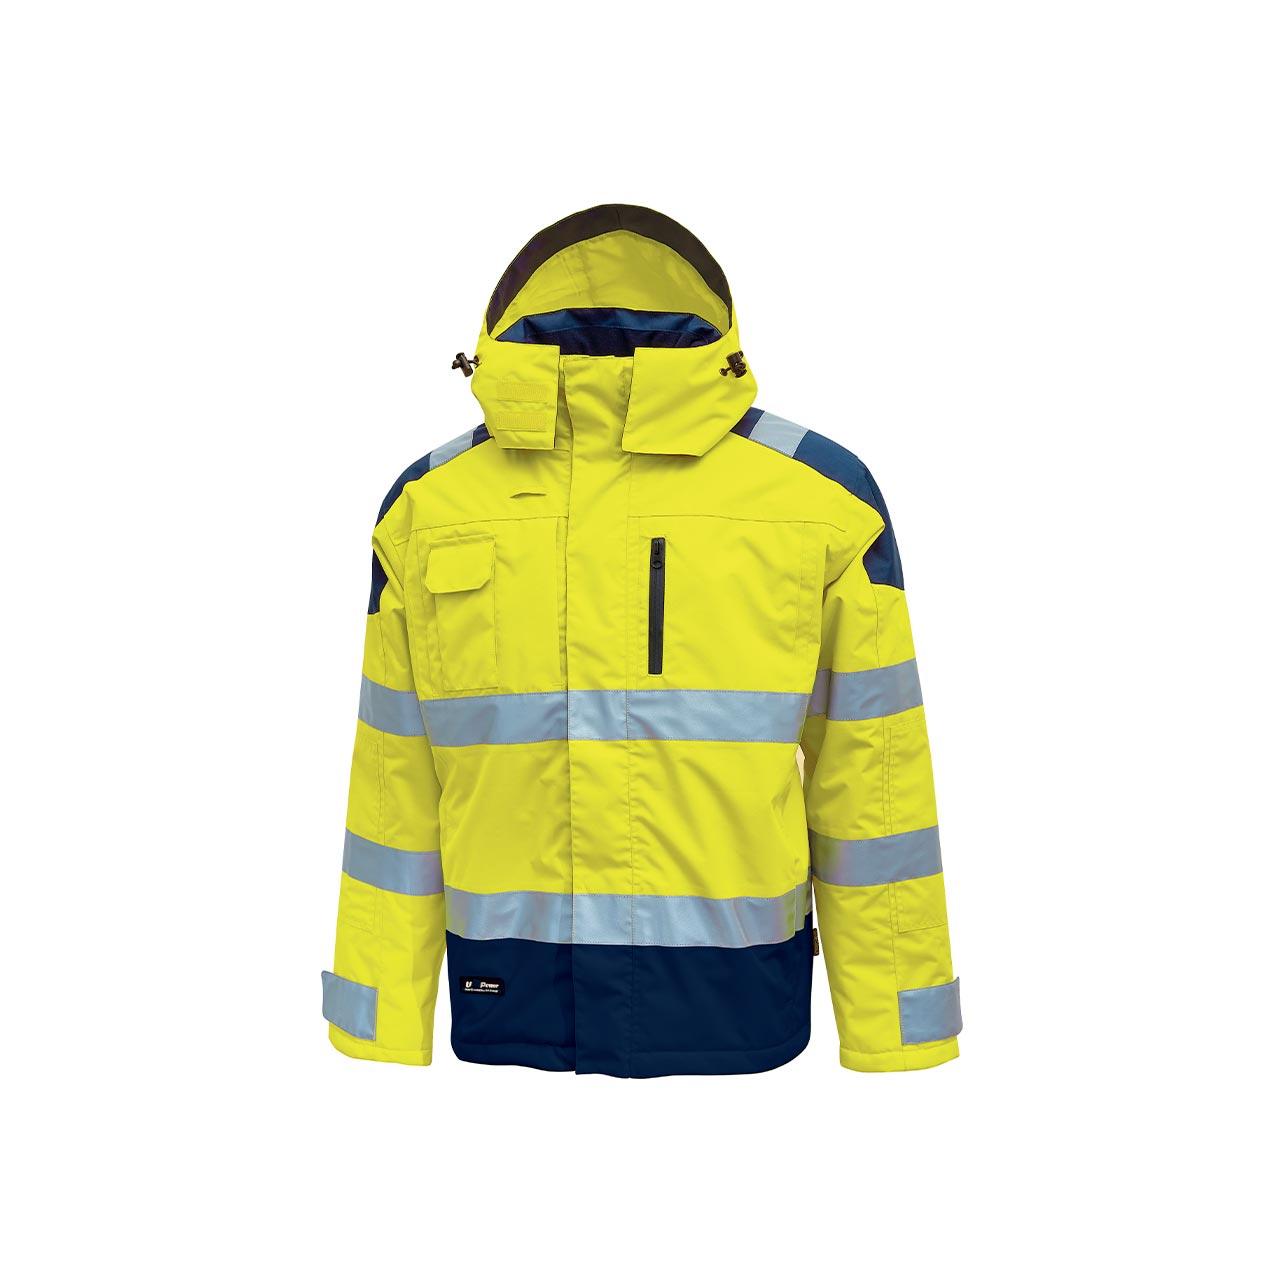 giacca da lavoro upower modello defender colore yellow